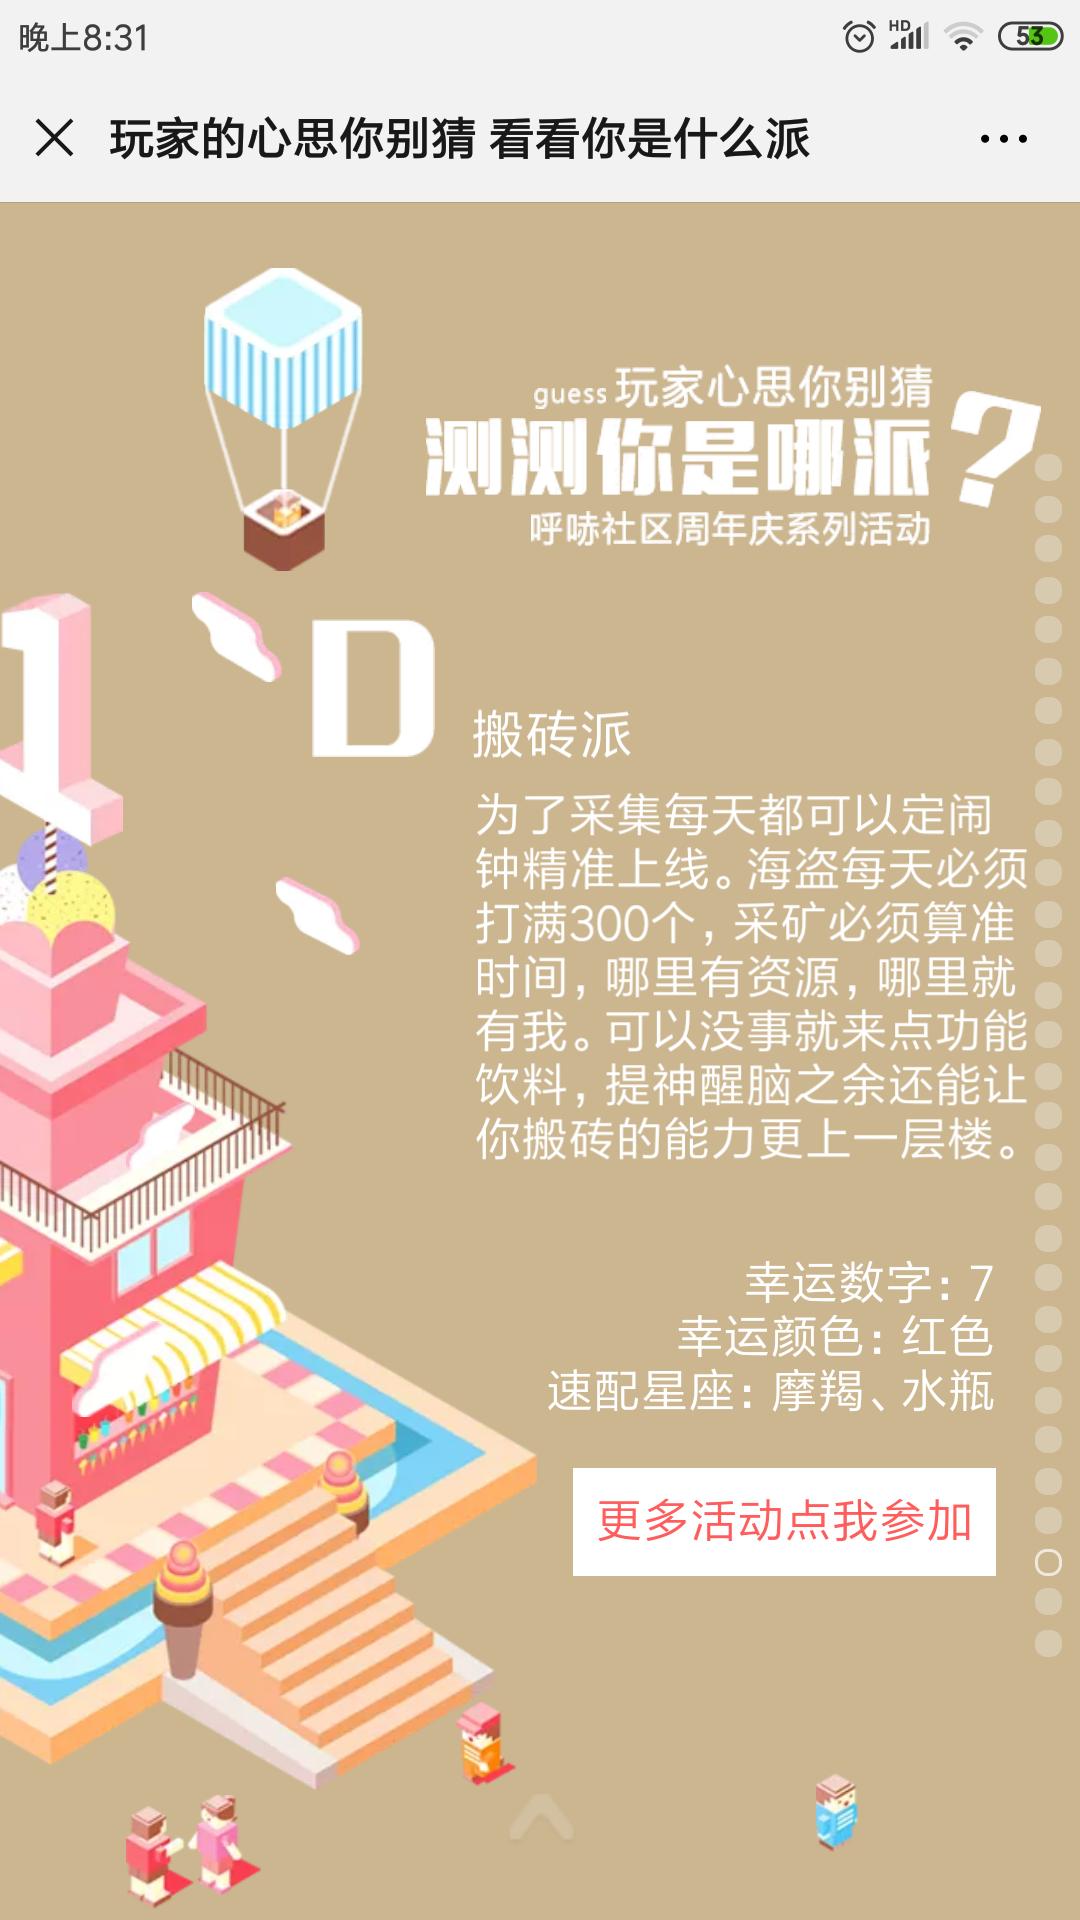 Screenshot_2019-07-25-20-31-53-256_com.tencent.mm.png